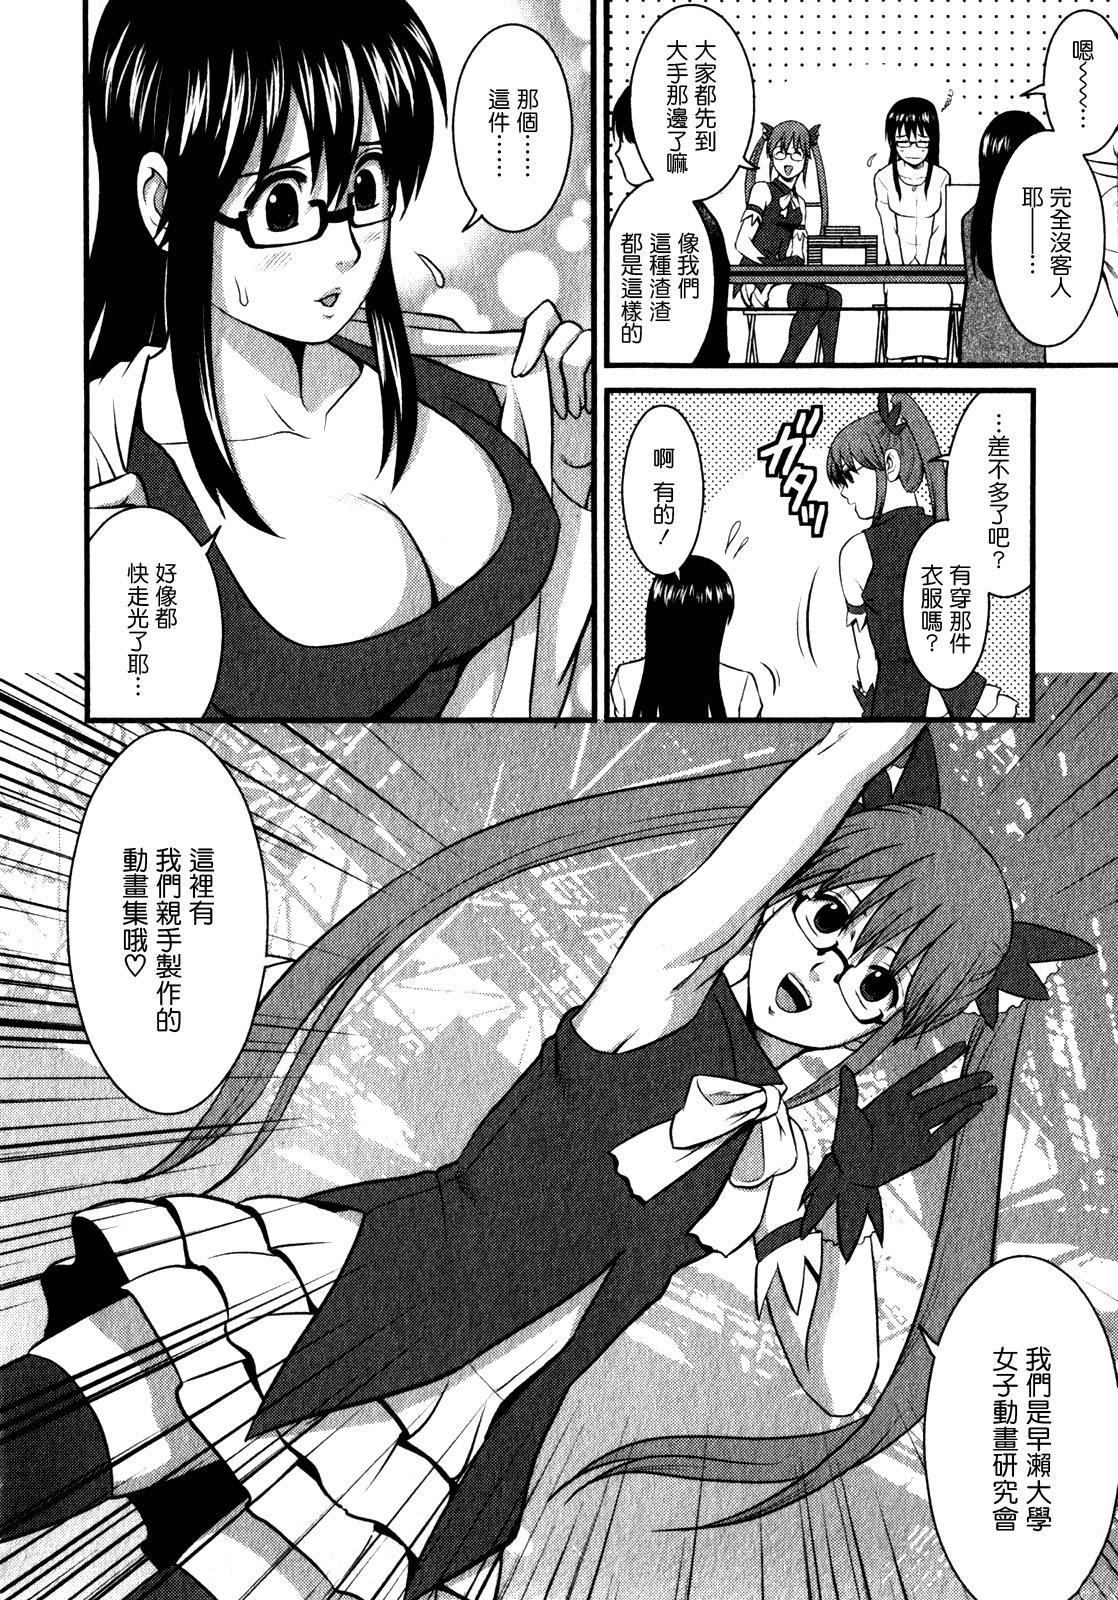 Otaku no Megami-san 1 115